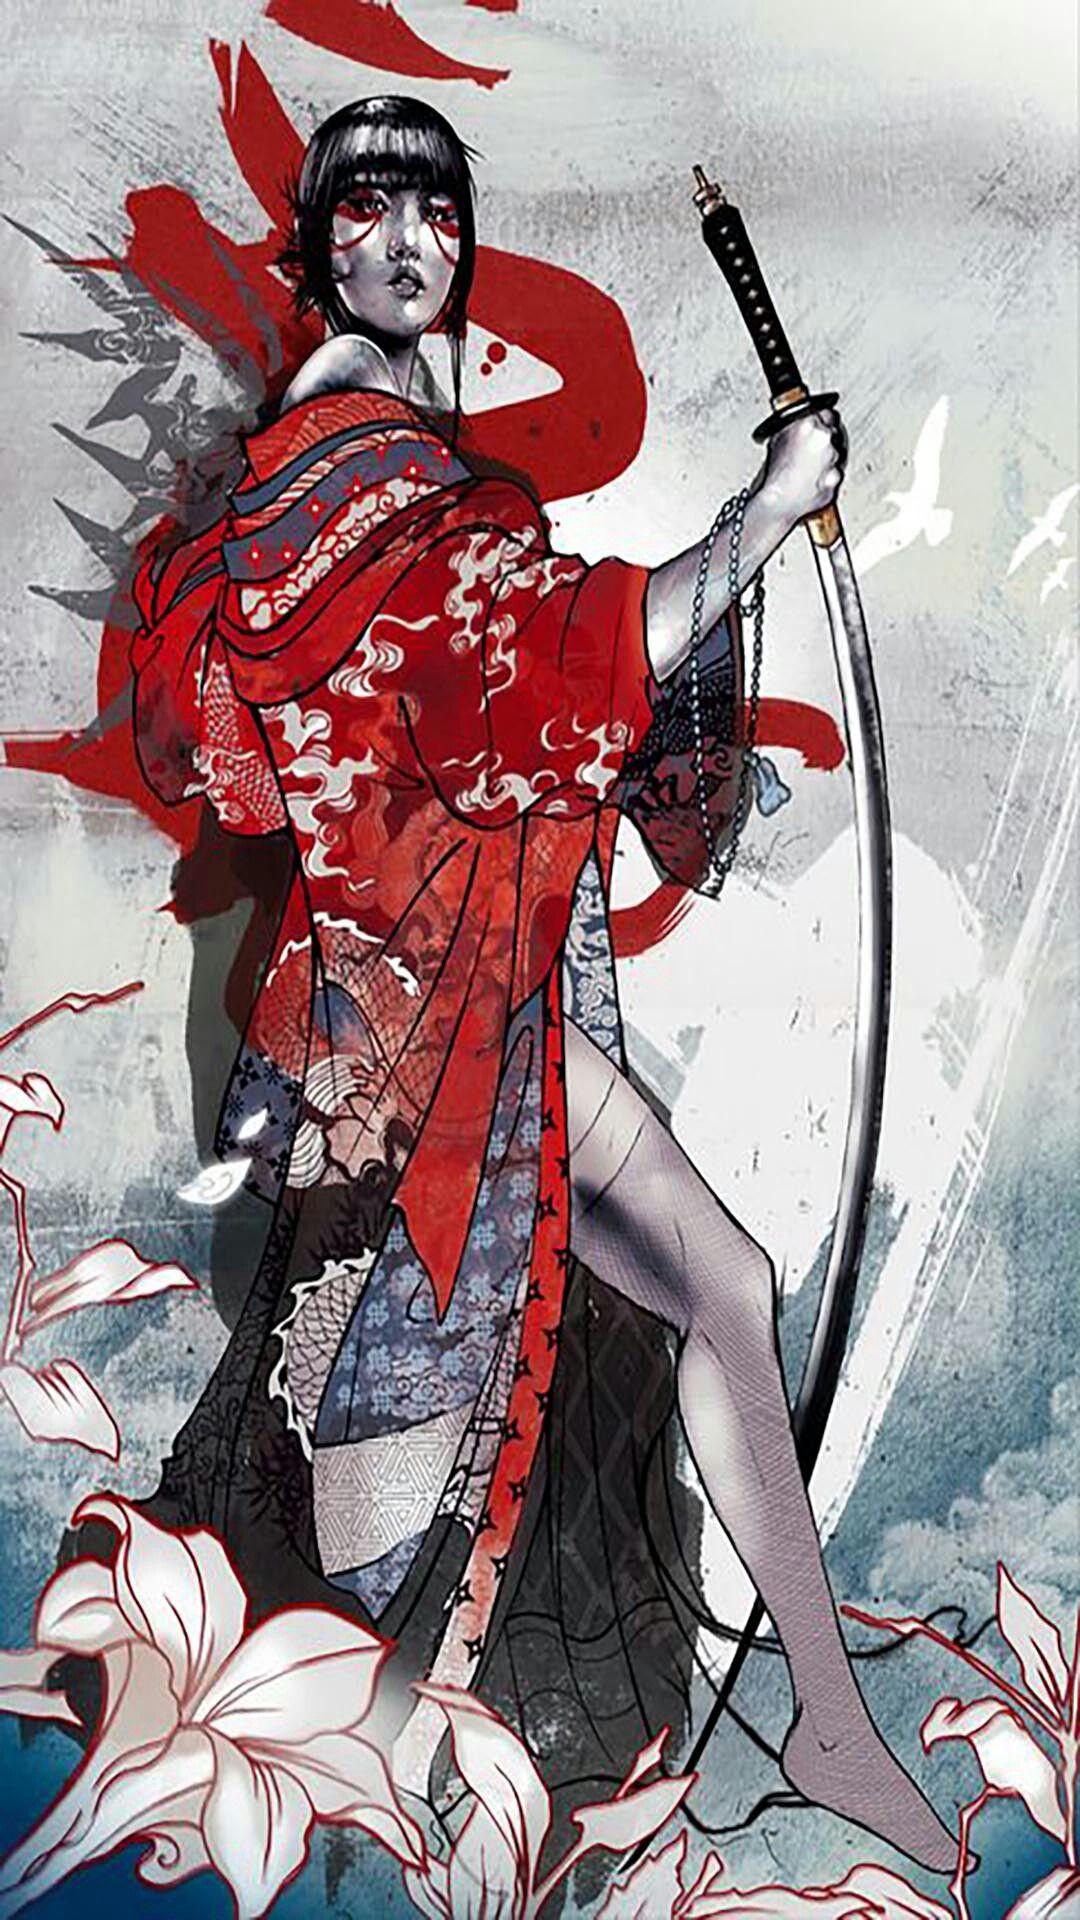 Pin by Anna Schooler on Tat Ideas Geisha art, Samurai